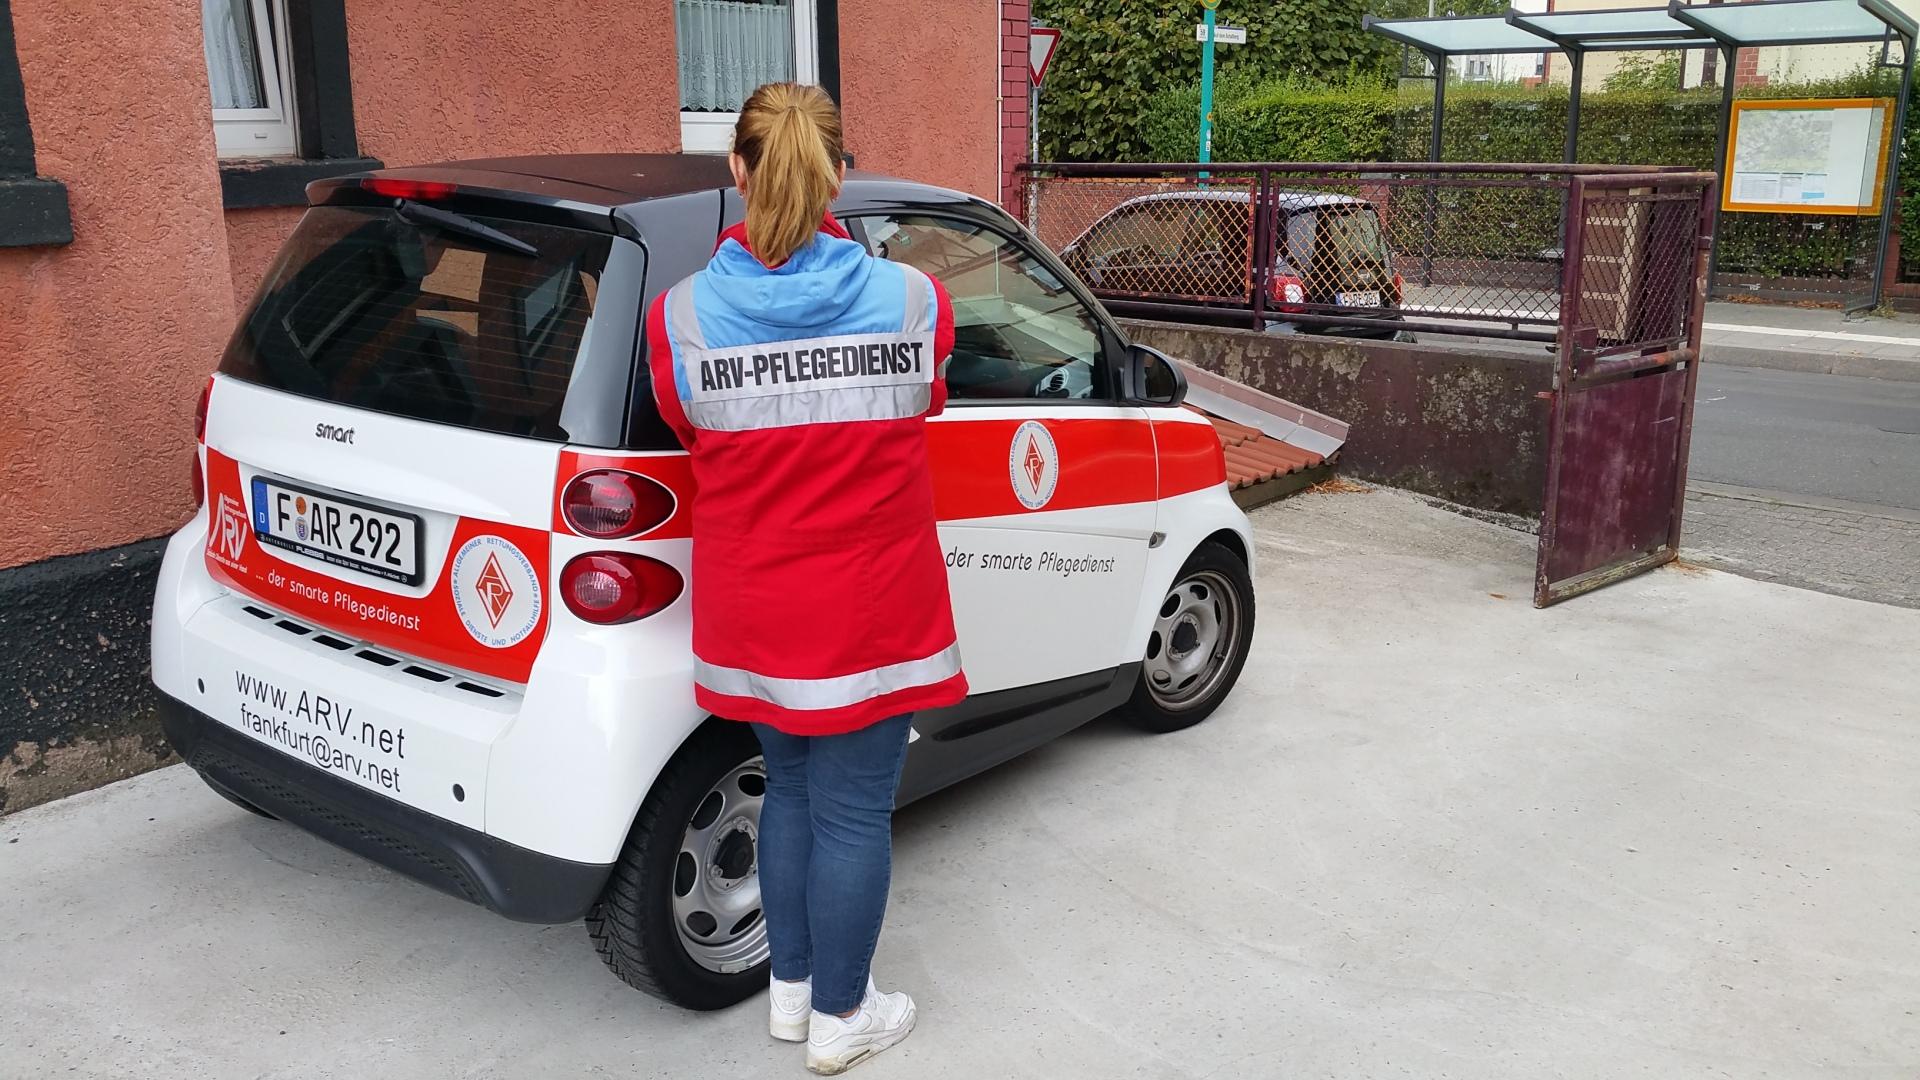 Einheitliche Kennzeichnung: Dienstkleidung und Dienstfahrzeug des ARV Pflegedienstes, FrankfurtEinheitliche Kennzeichnung: Dienstkleidung und Dienstfahrzeug des ARV Pflegedienstes, Frankfurt